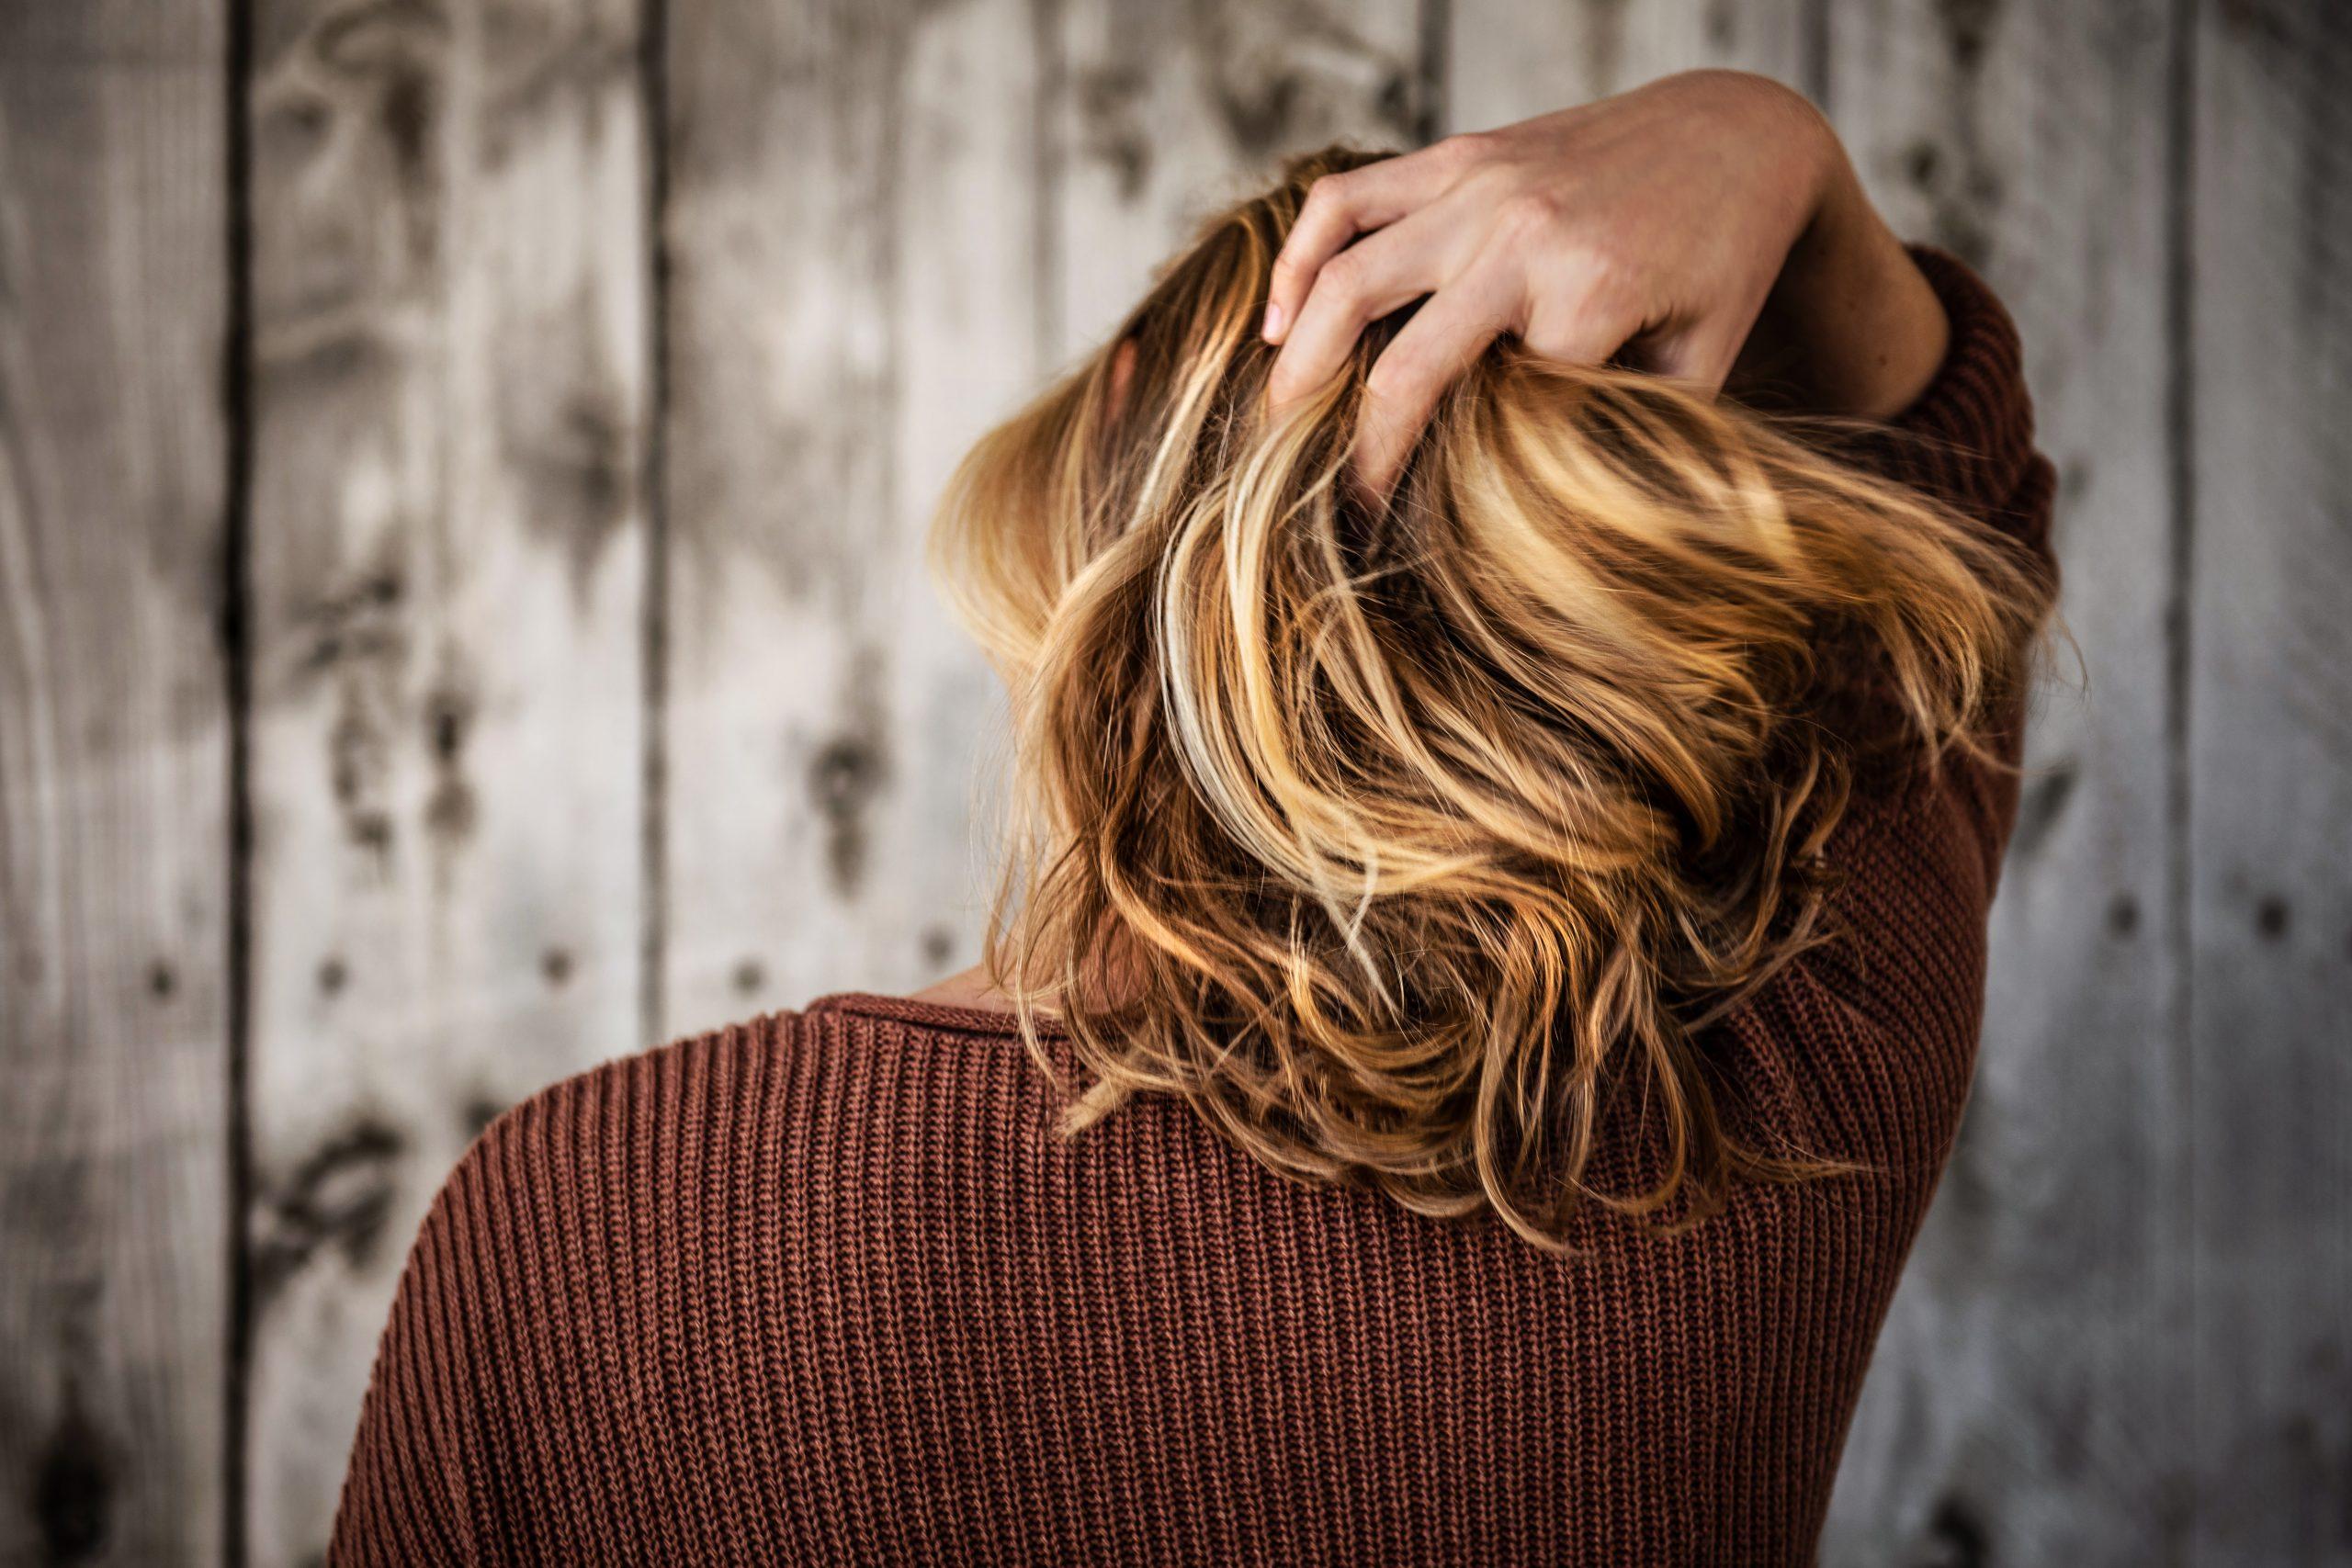 Style dit hår med en lækker voks